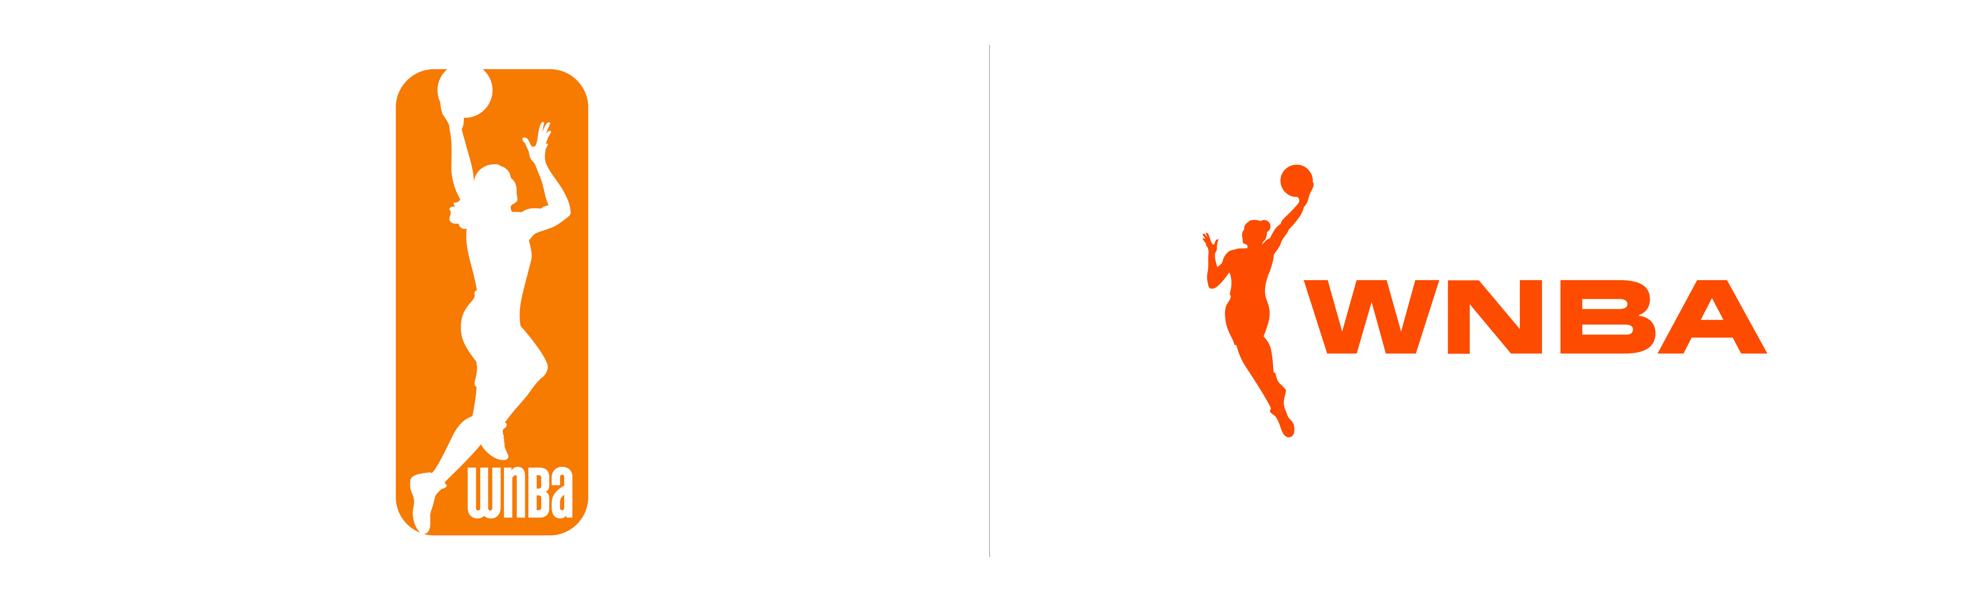 WNBA zmienia logo